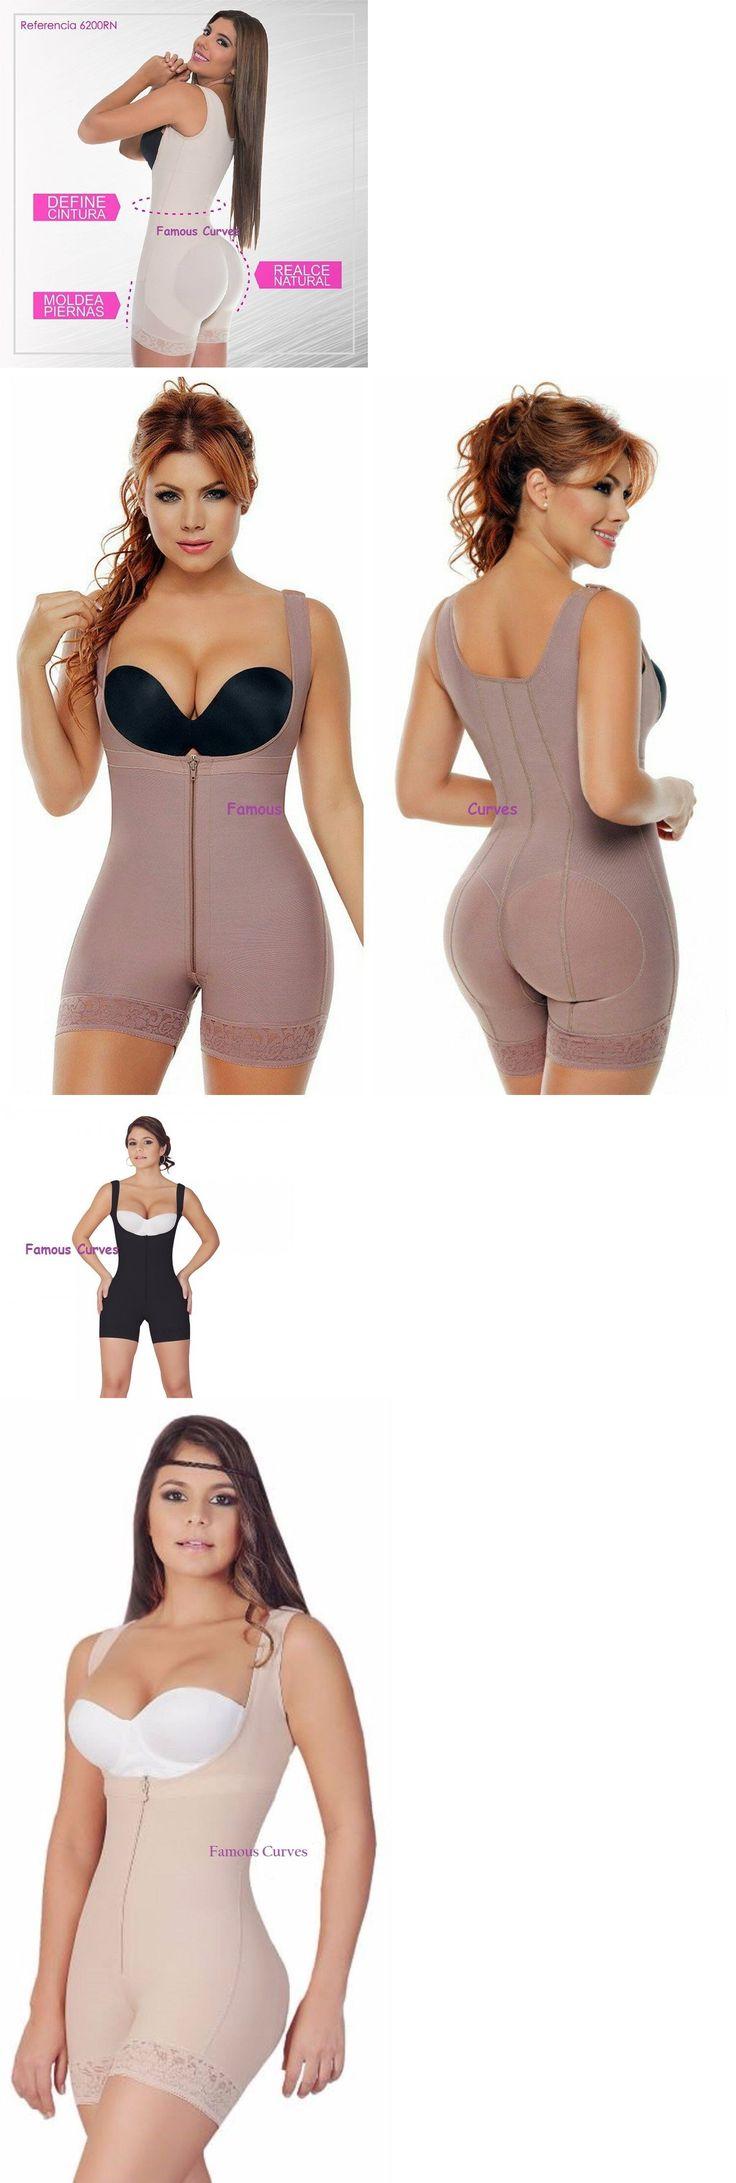 Women Shapewear: En Fajate Levanta Cola Fajas Colombianas , Reductoras, Womens Colombian Shaper BUY IT NOW ONLY: $59.85